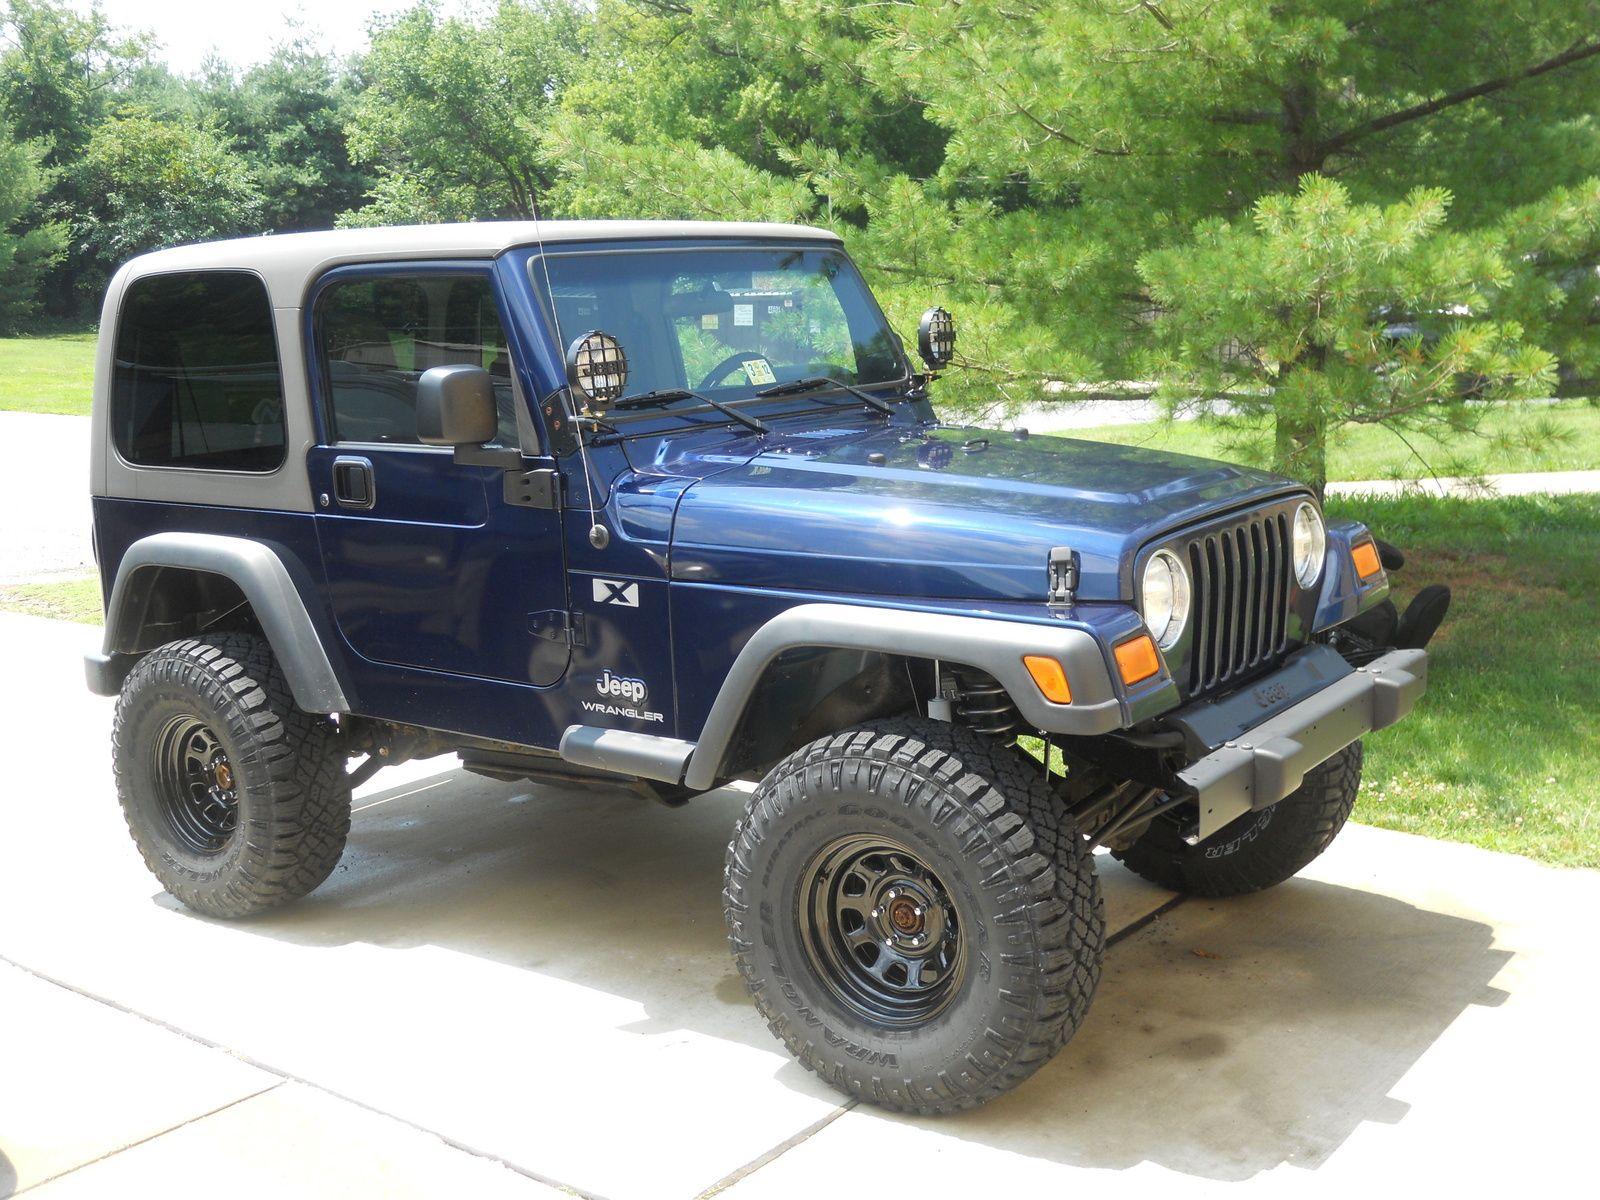 2004 Jeep Wrangler Pictures Cargurus 2004 Jeep Wrangler Jeep Wrangler Blue Jeep Wrangler